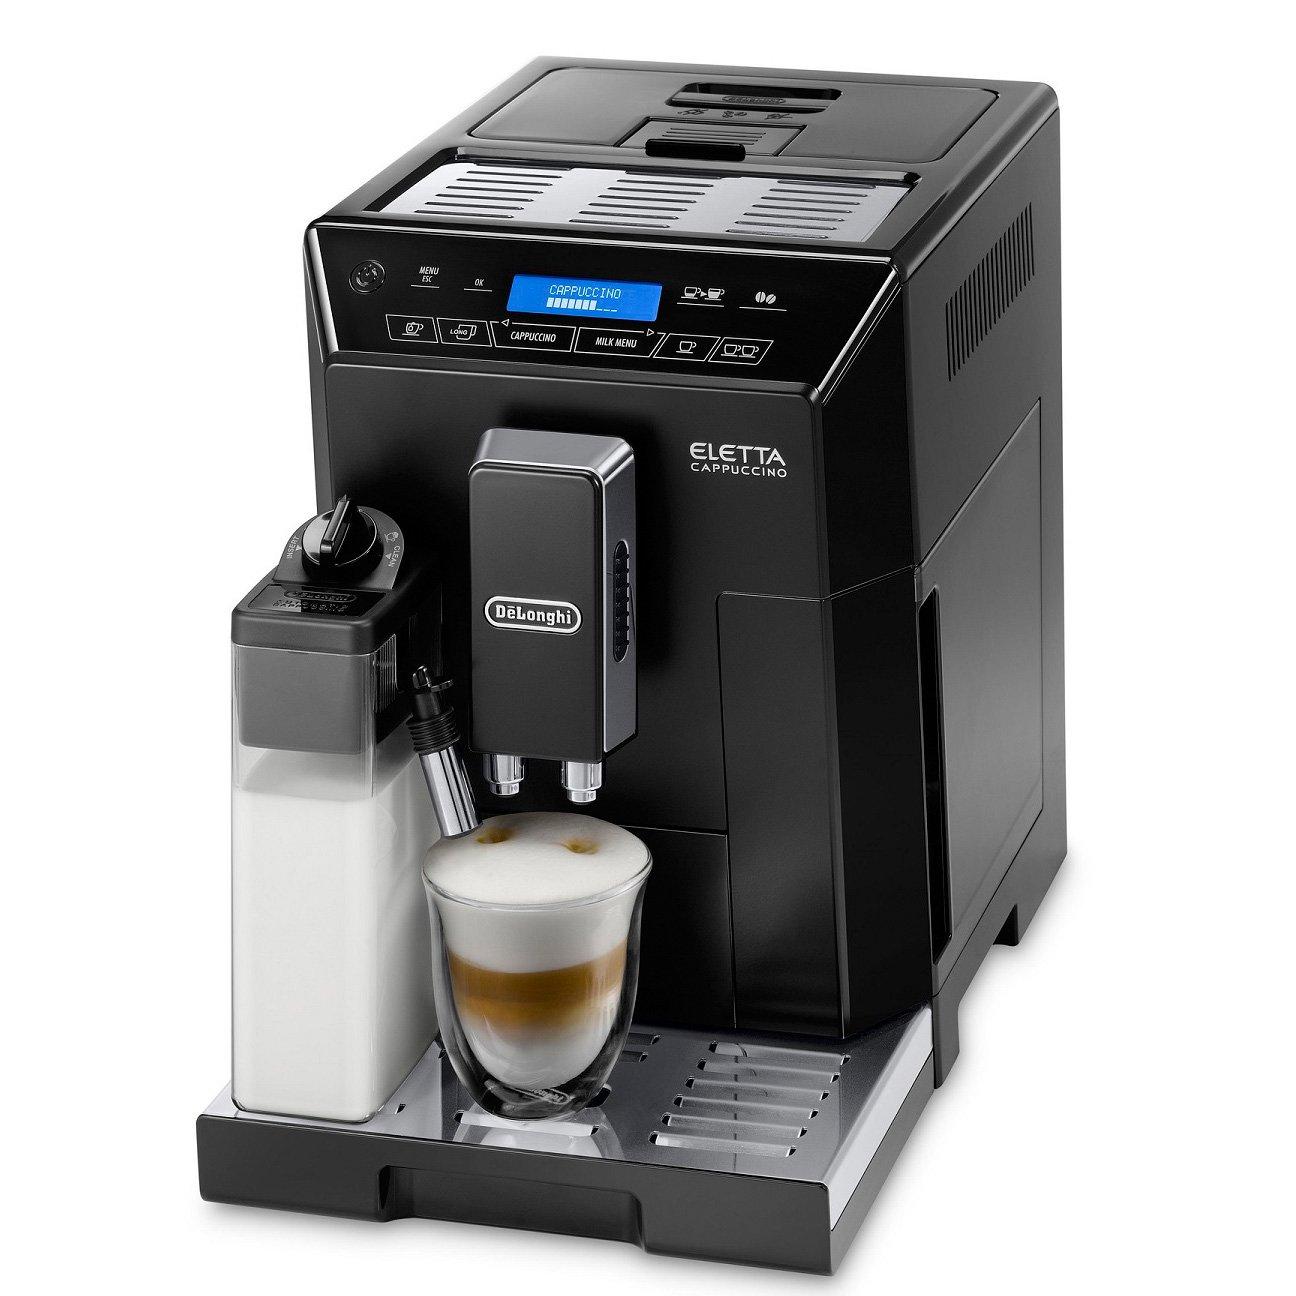 Máy pha cà phê Delonghi tự động ECAM44.660.B